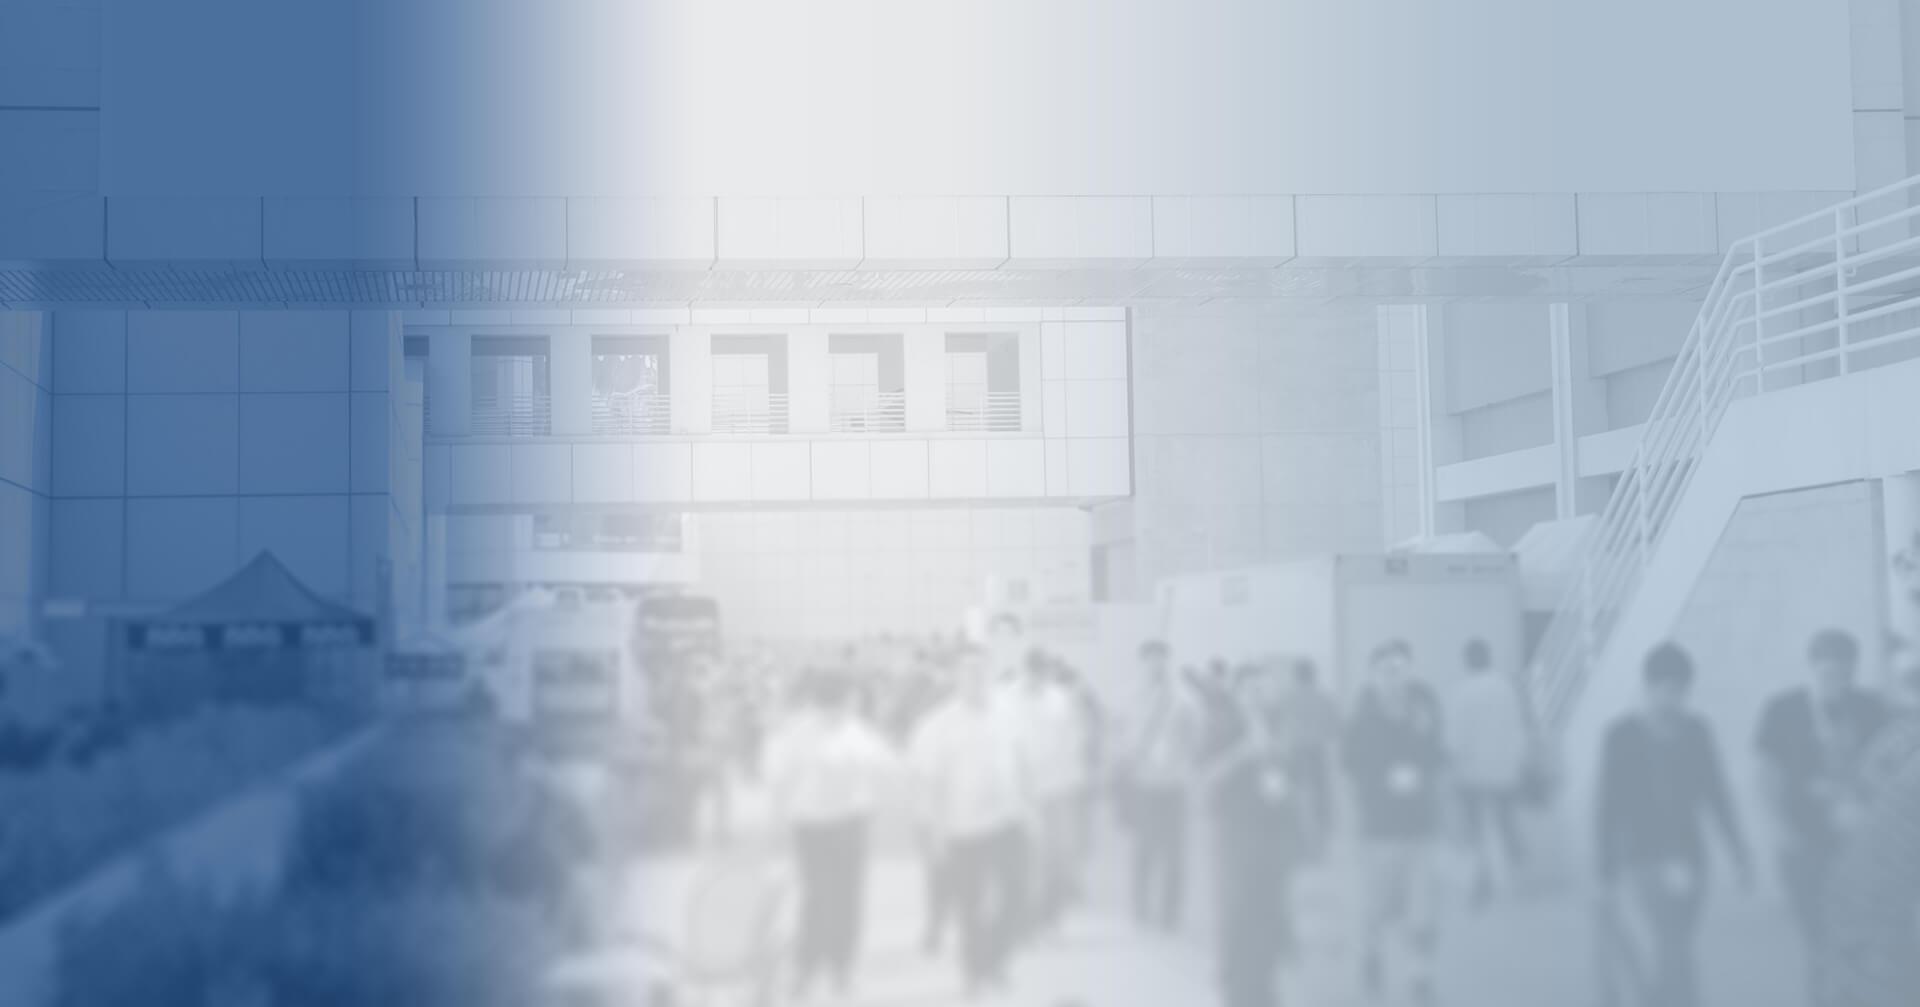 Edelstahlverarbeitung Leppe-Edelstahl Chr. Höver & Sohn | Lindlar | Nordrhein-Westfalen - Legierungen - Produktformungen - Schmiedetechnik